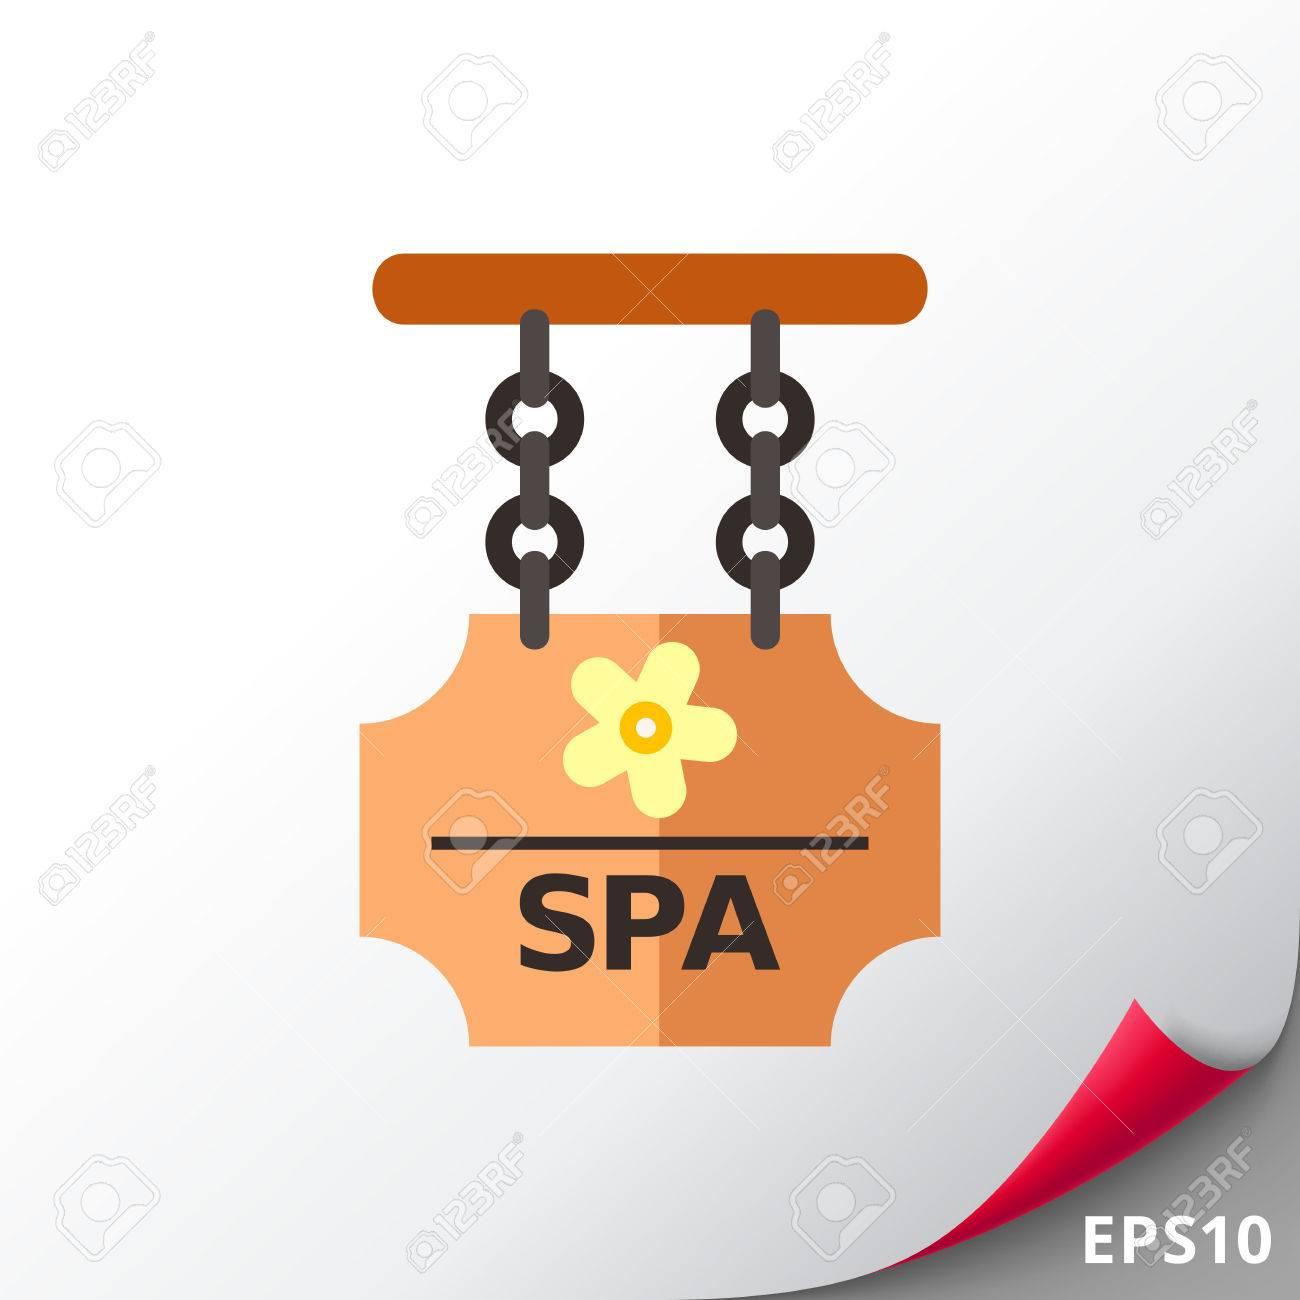 Holzbrett Mit Spa-Zeichen Auf Den Ketten Zu Halten. Spa-Salon, Hotel ...